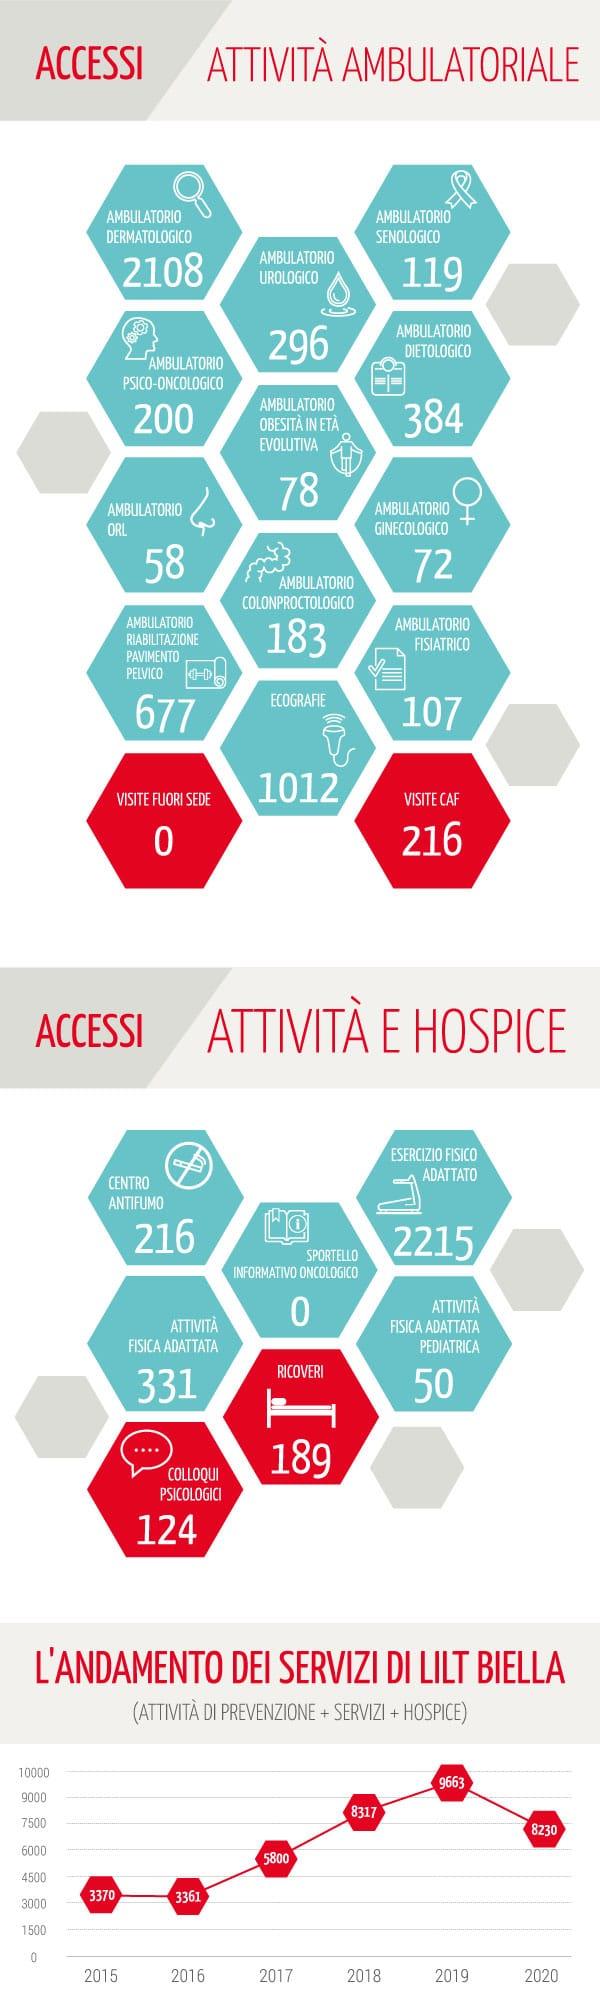 Tutti i dati sulle Attività 2020 LILT Biella